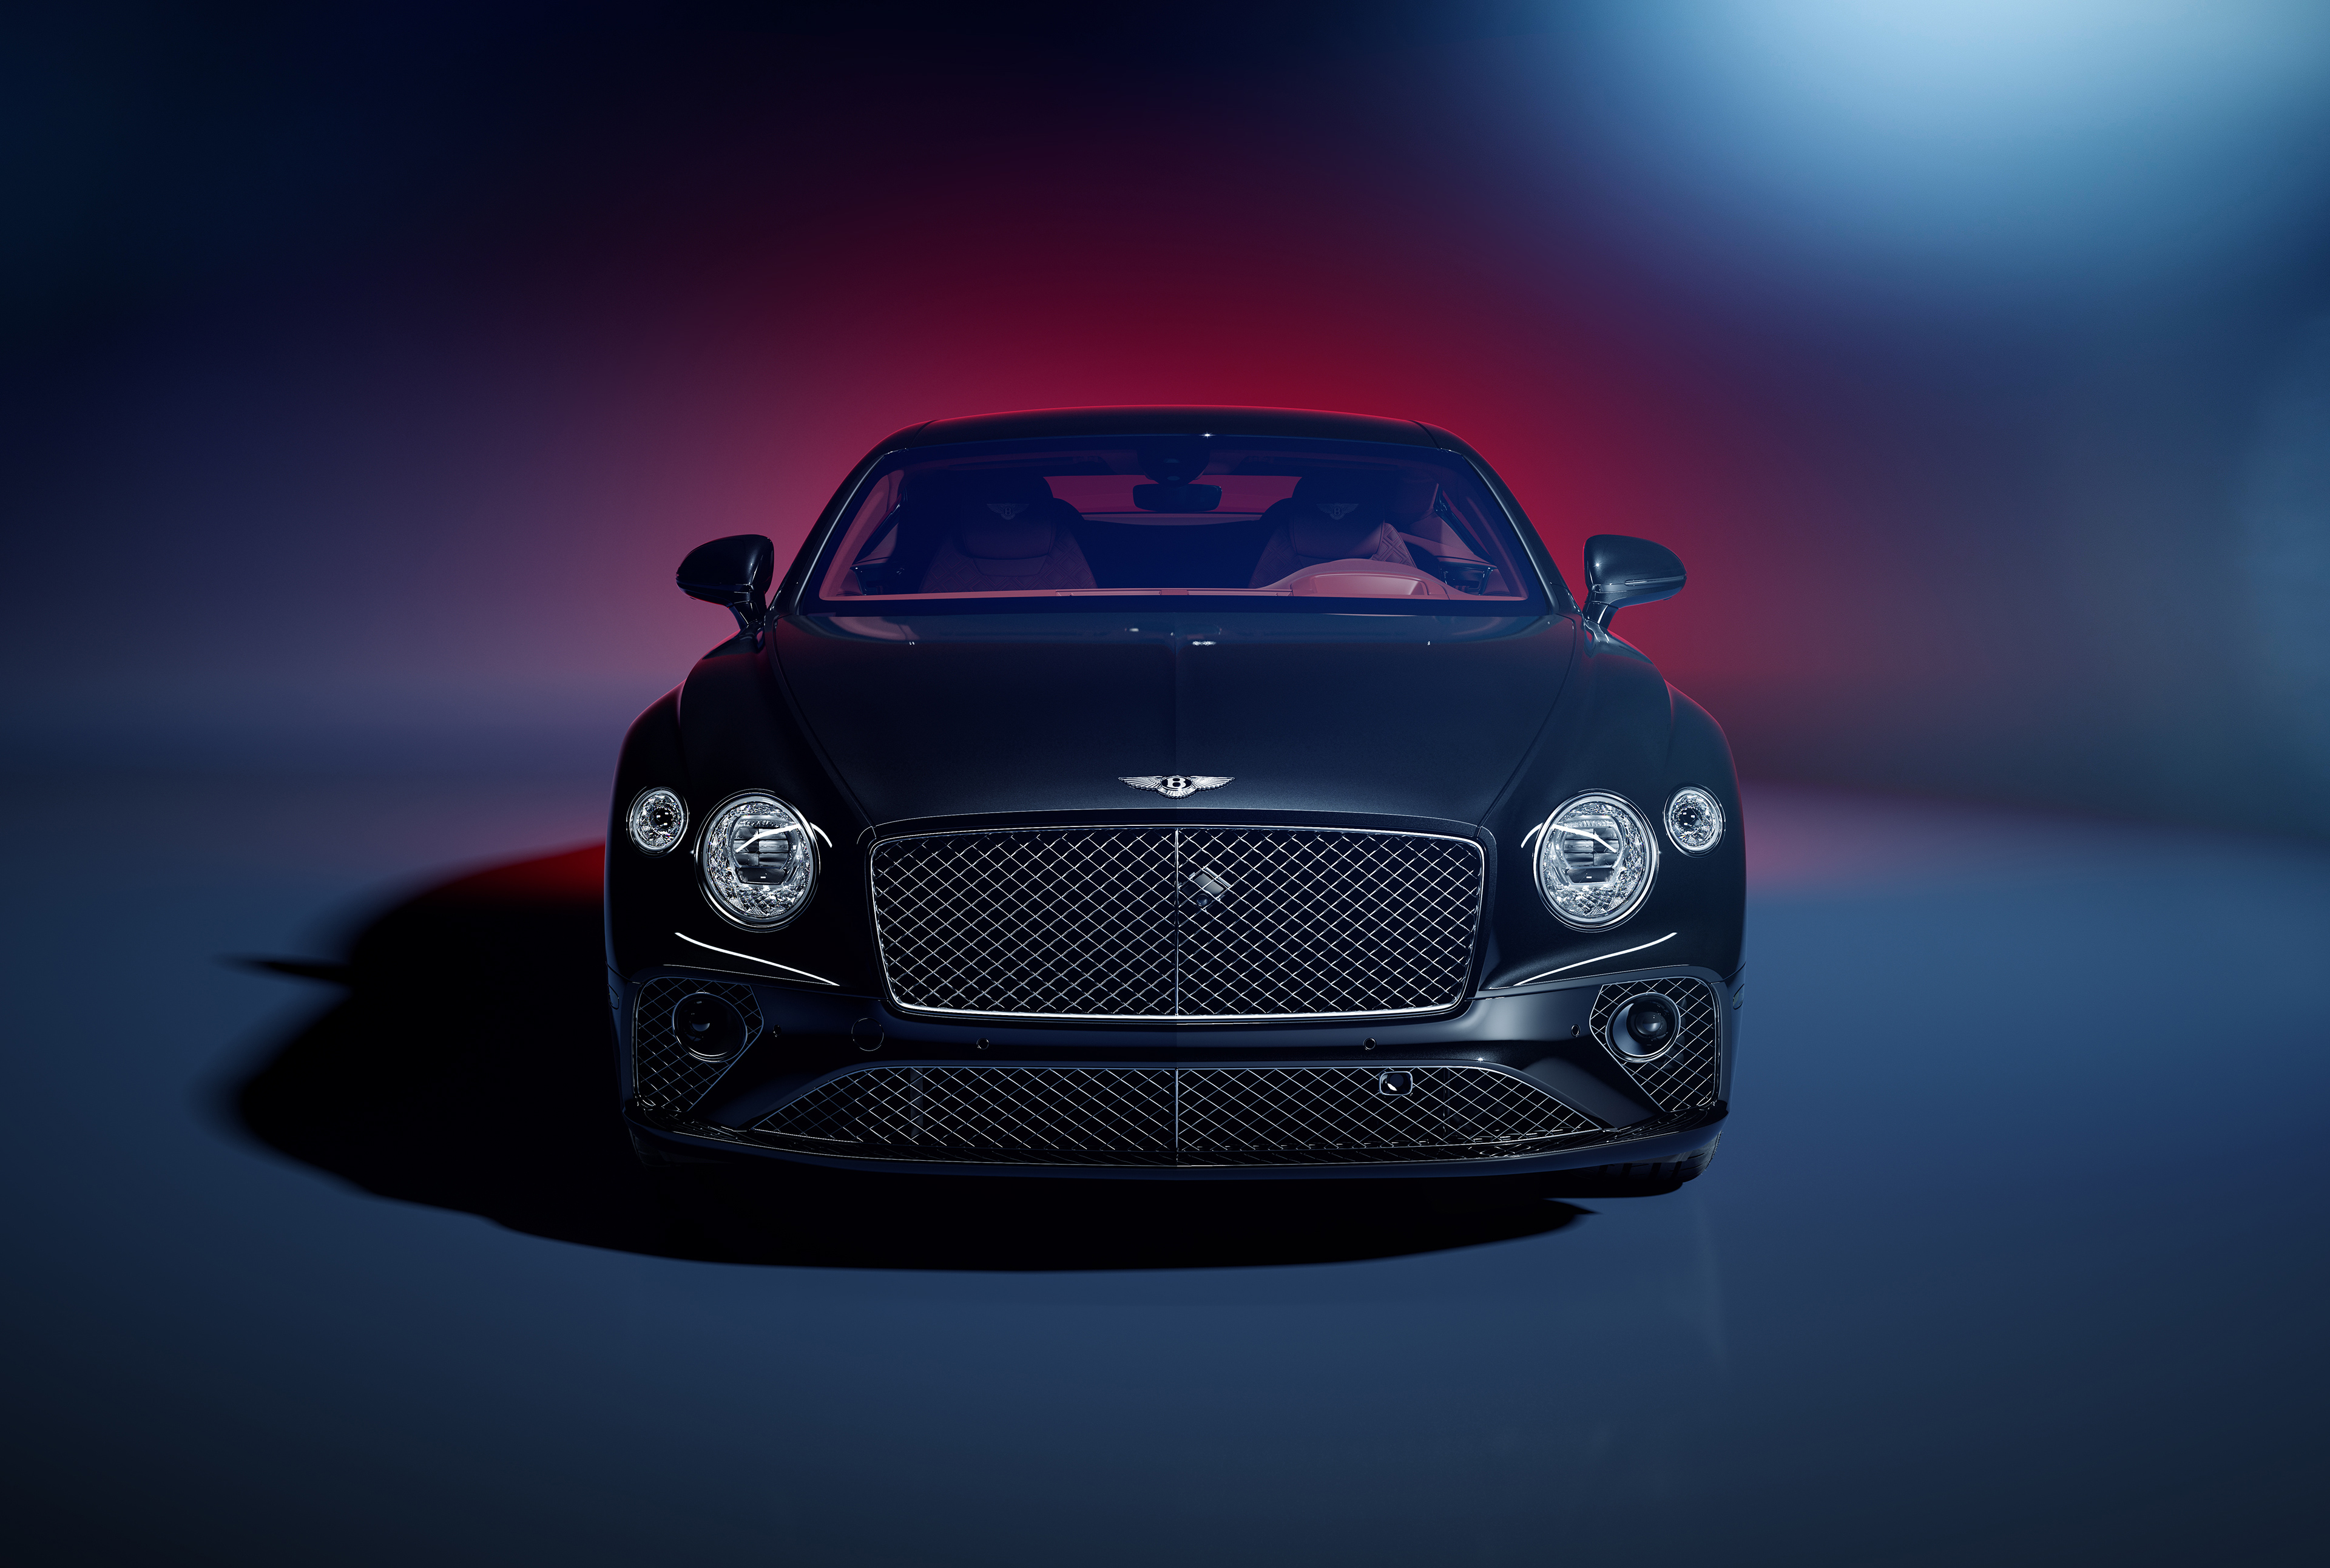 bentley continental gt 4k 1626180135 - Bentley Continental GT 4k - Bentley Continental GT 4k wallpapers